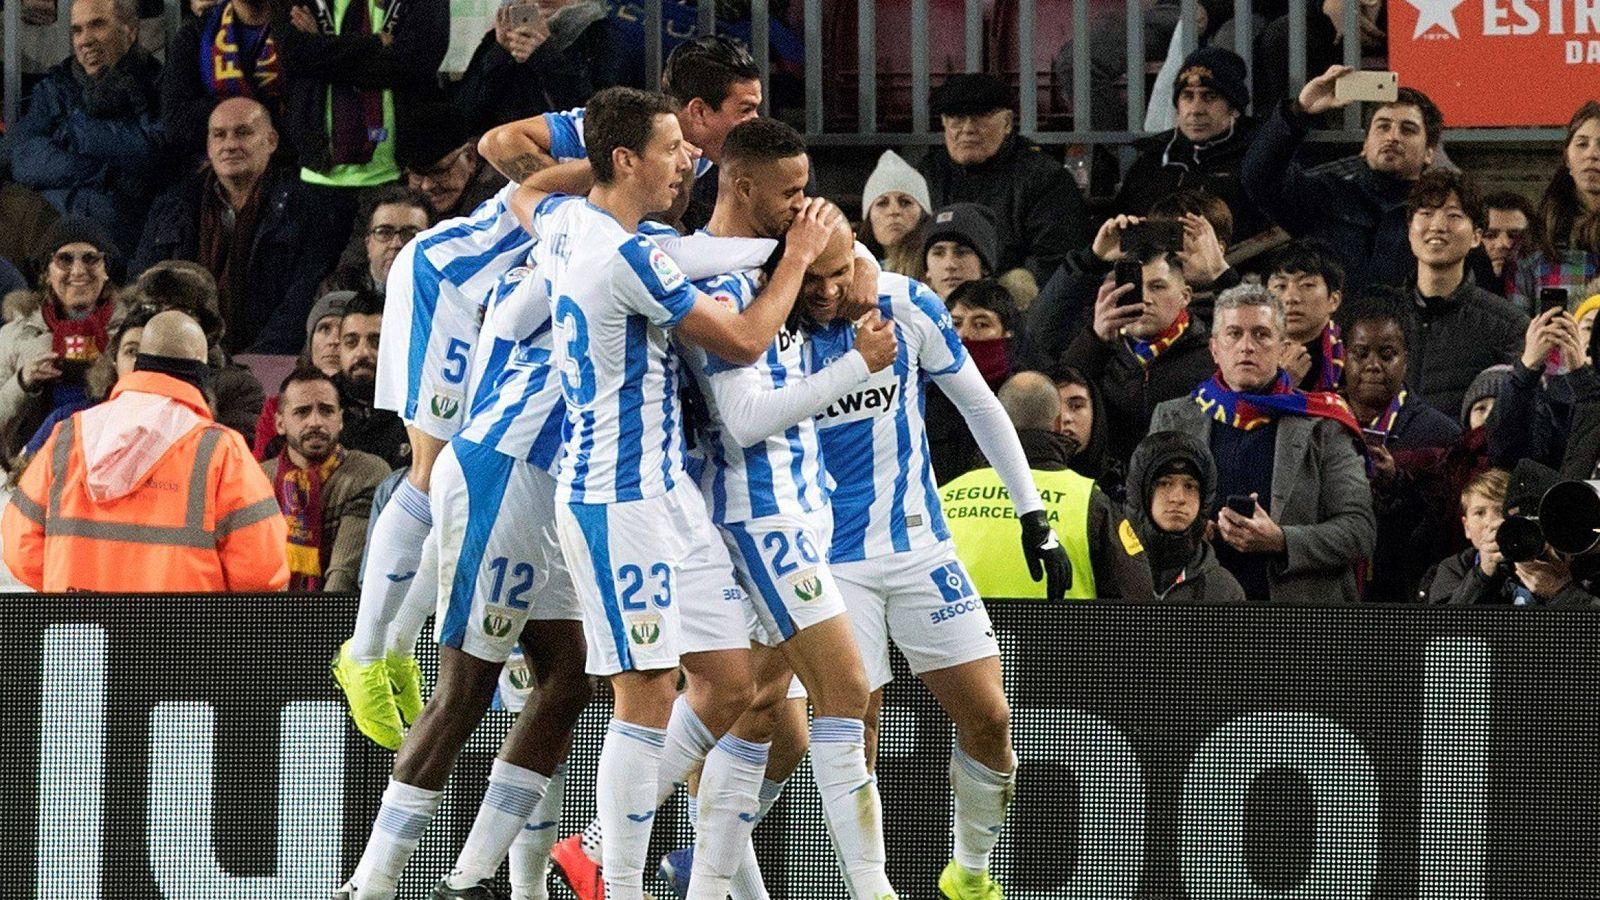 Foto: Jugadores del Leganés celebran un gol. (EFE)